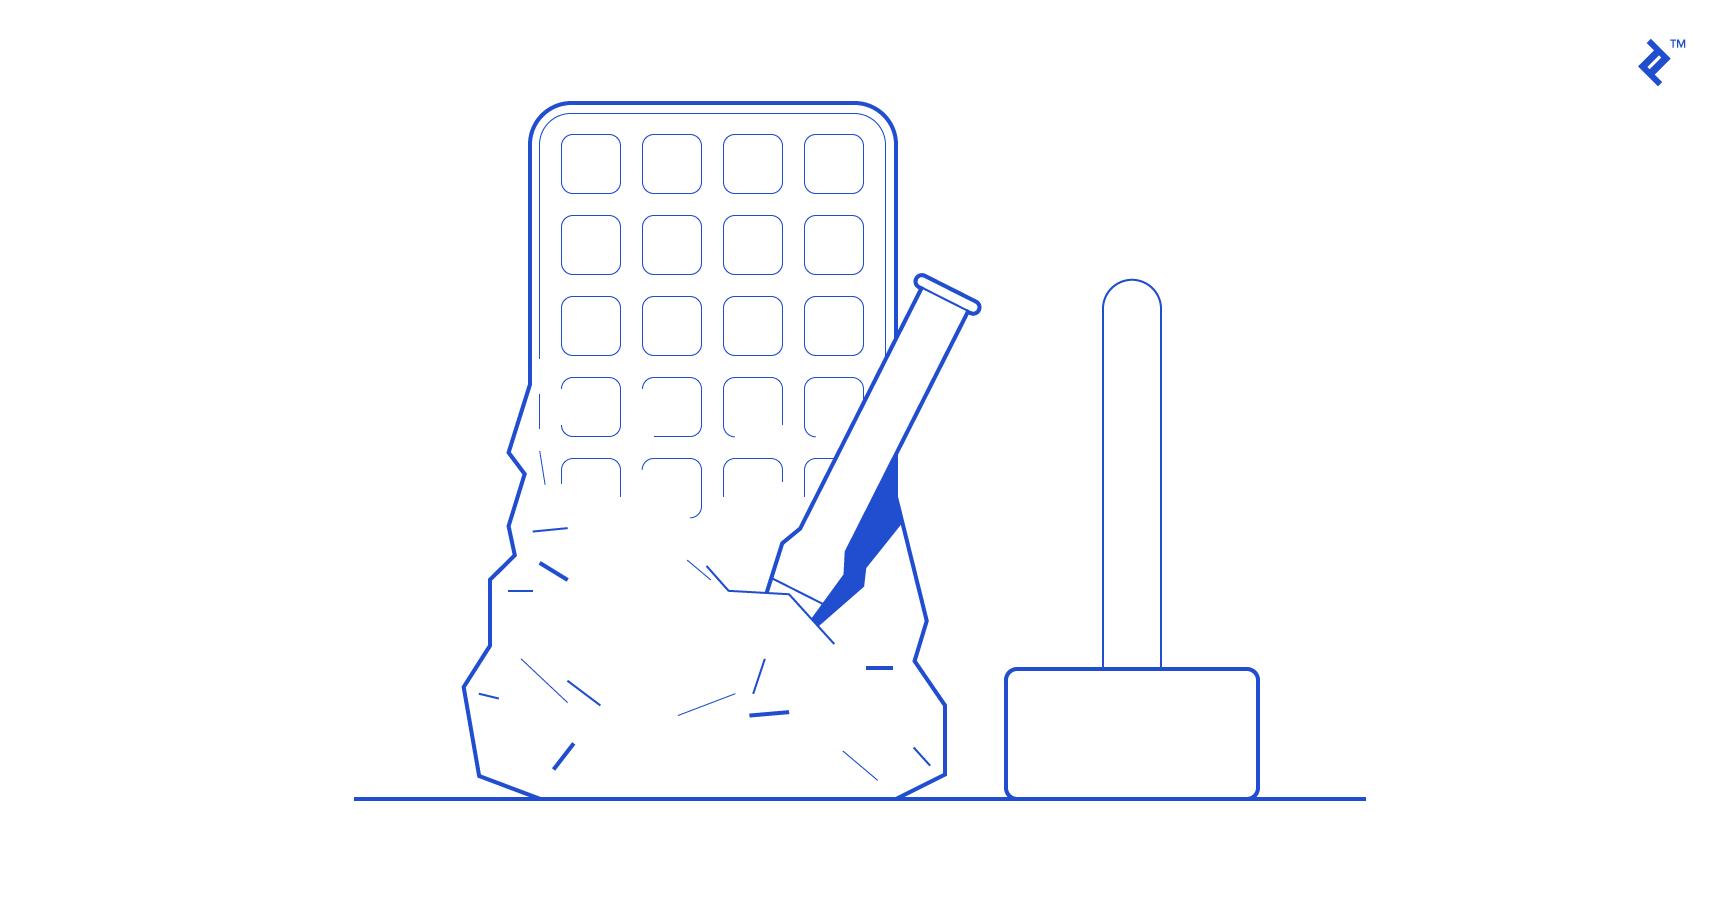 Процесс разработки приложения может быть редуктивным, а не аддитивным.